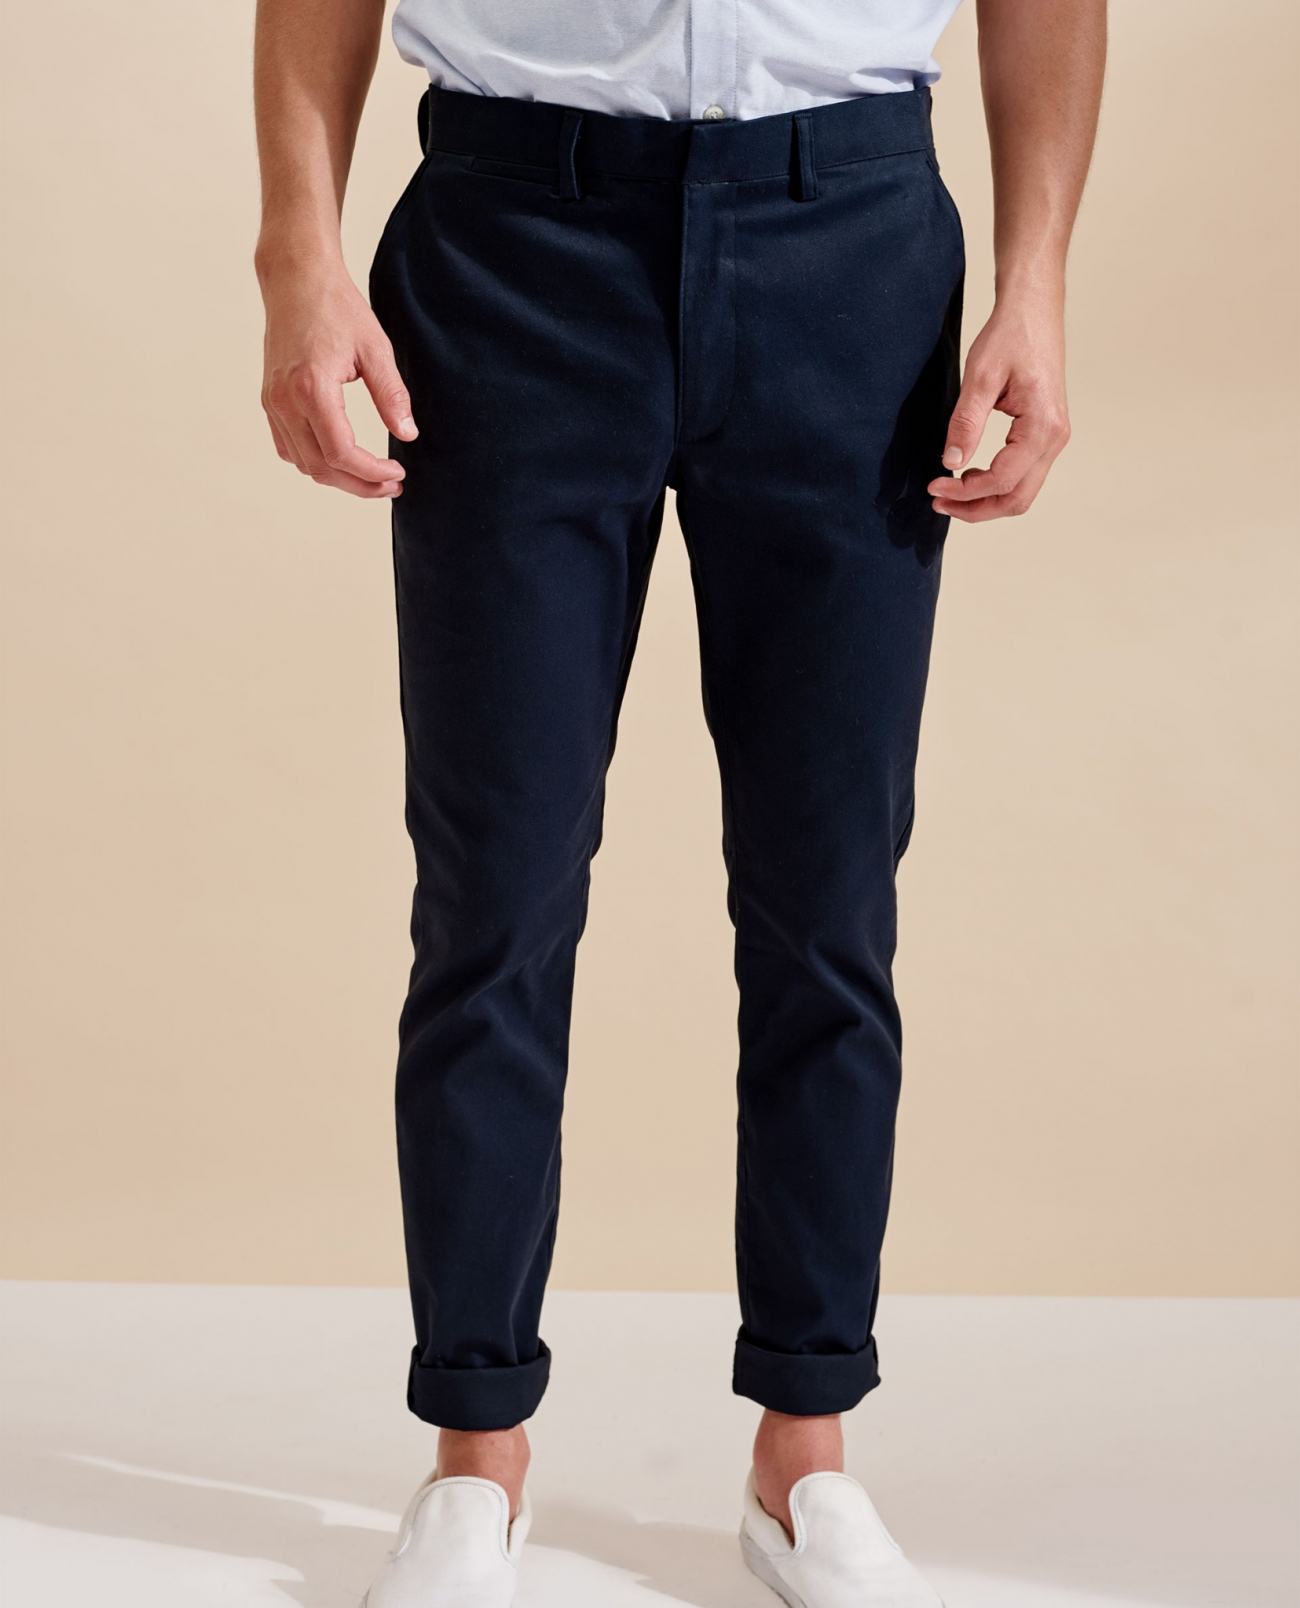 Danh sách shop bán quần kaki, chinos cho nam tại Quận 4